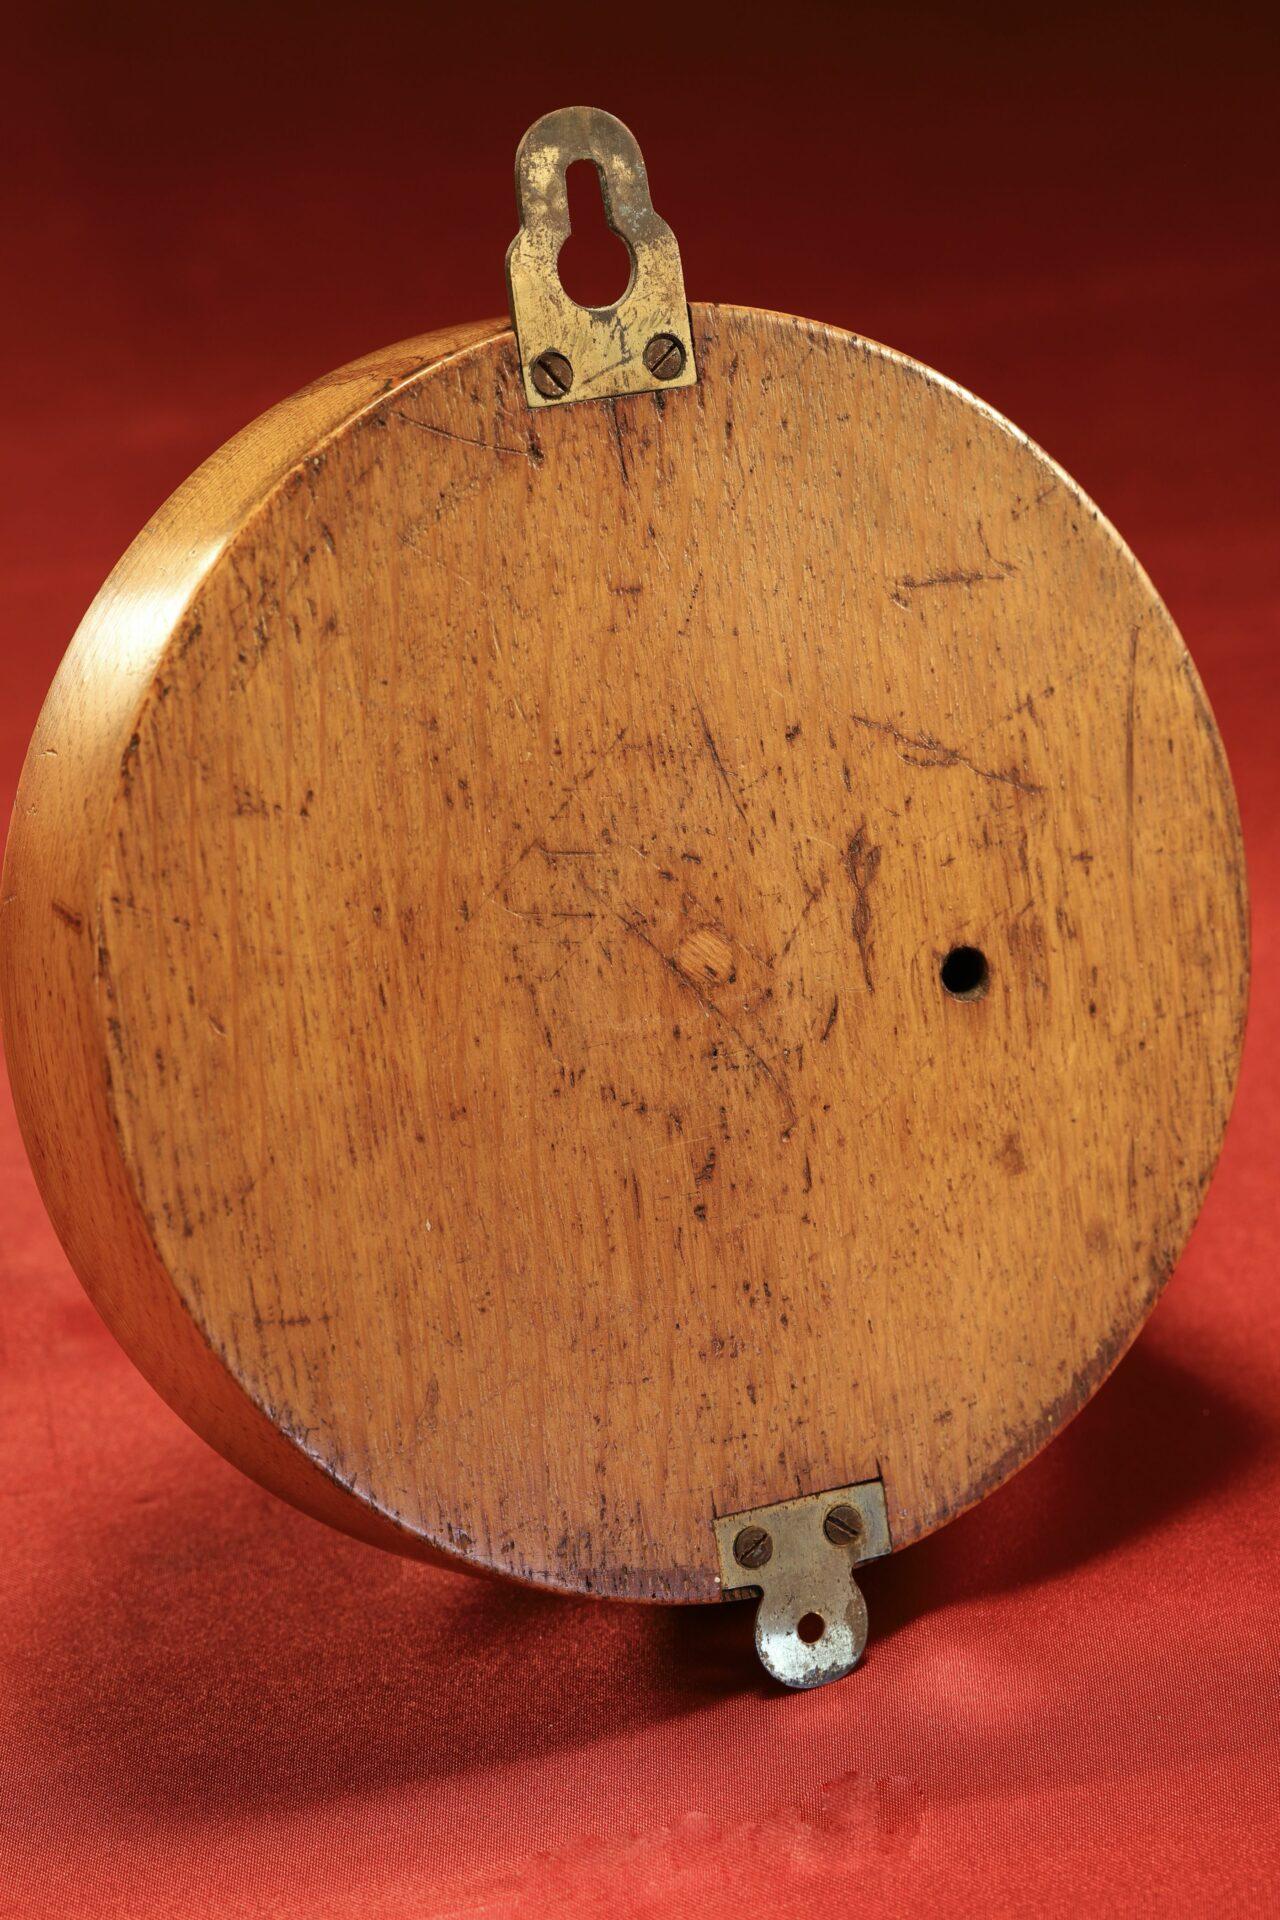 Image of Dollond Royal Standard Marine Barometer c1880 taken from back